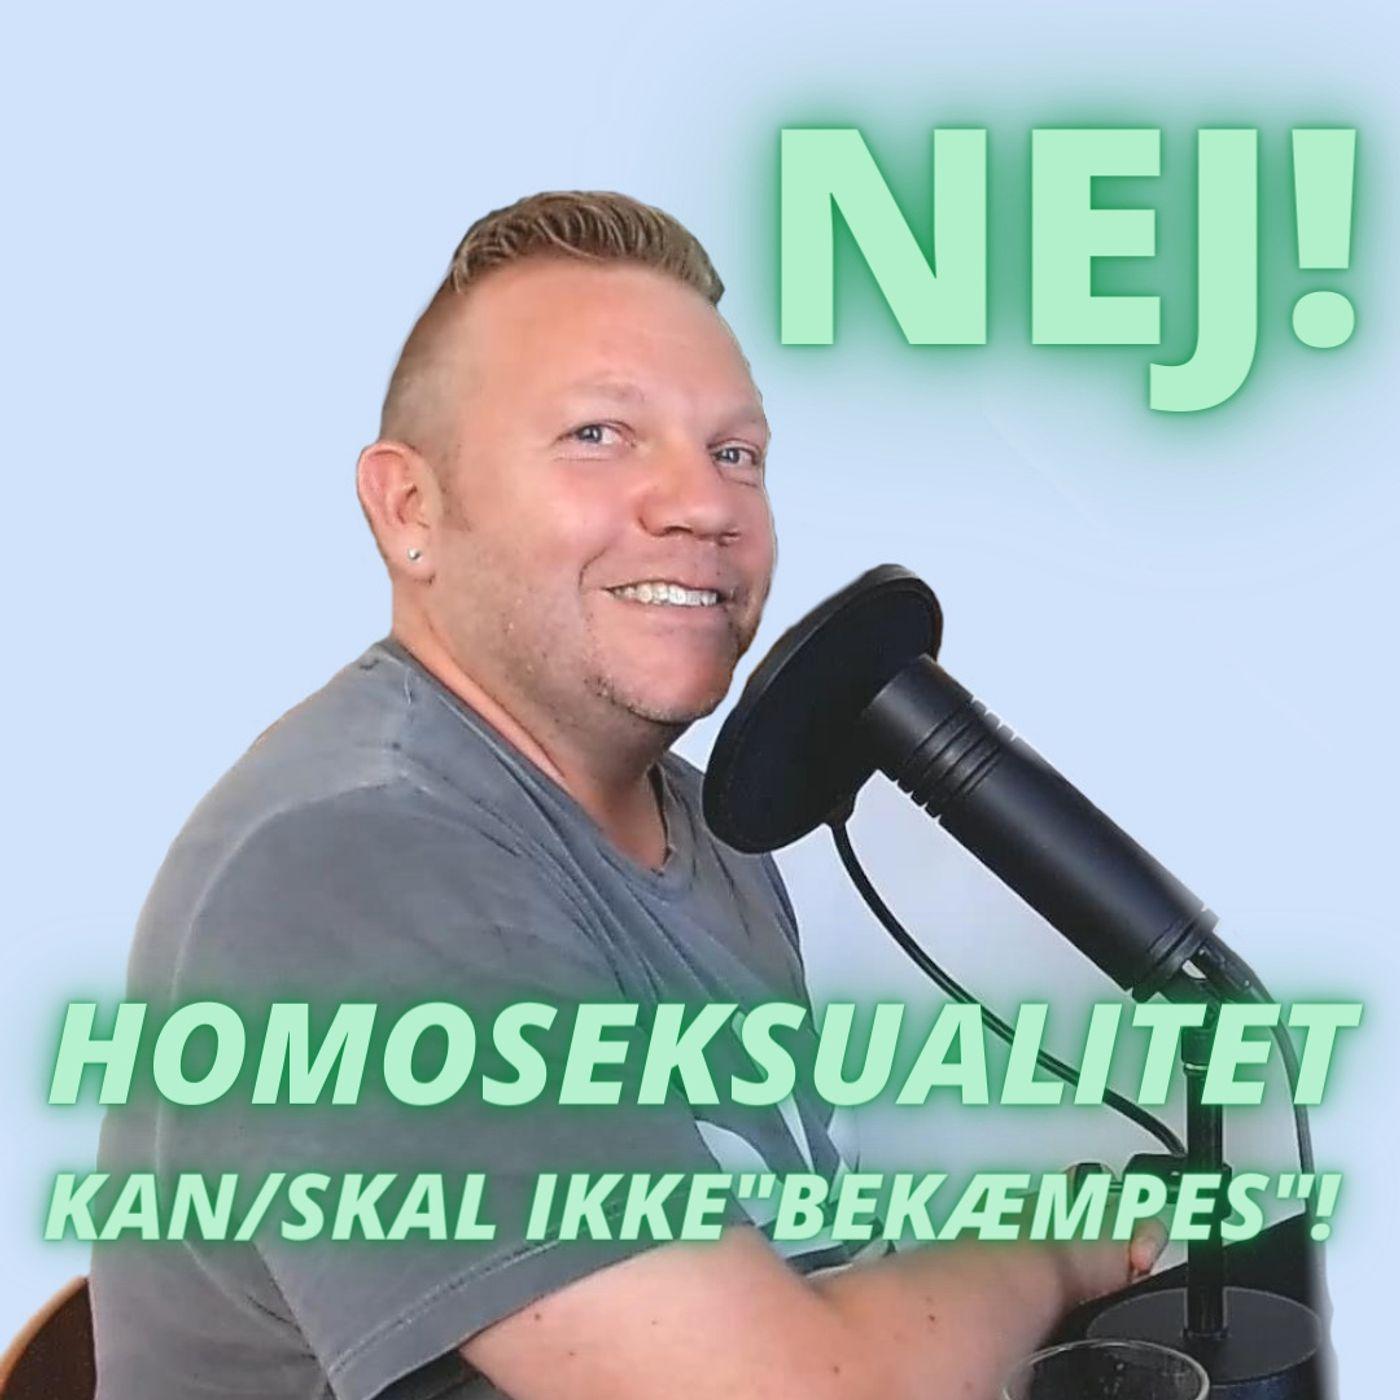 """#109 Nej, homoseksualitet kan ikke """"bekæmpes""""! (Nikolajs historie)"""